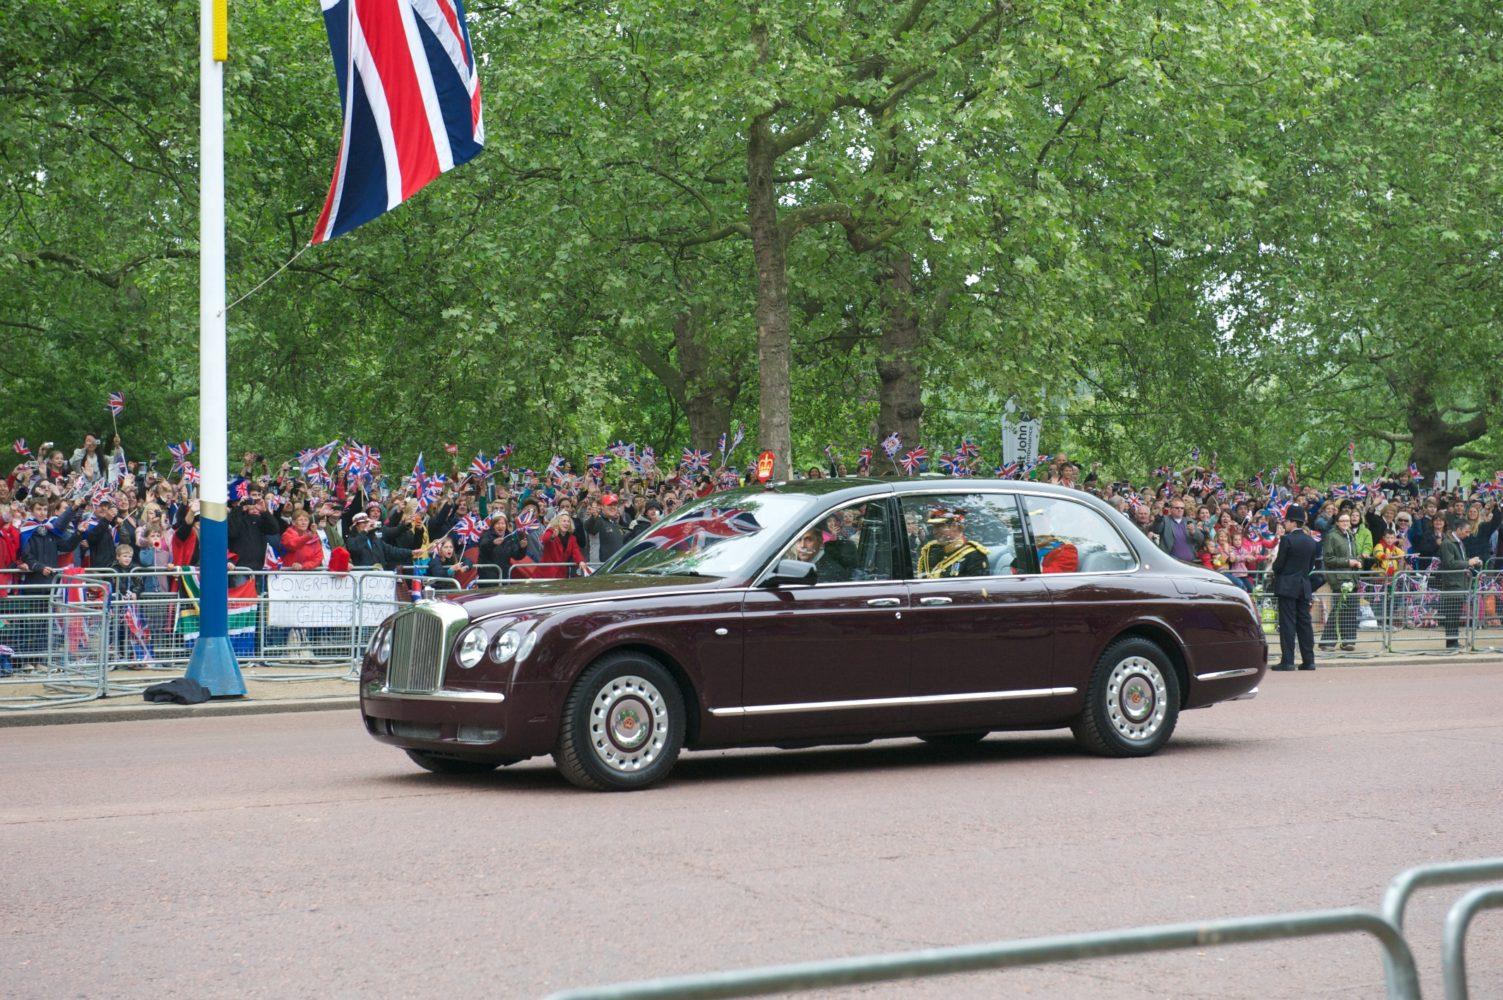 CoE 2016: Royal Cars